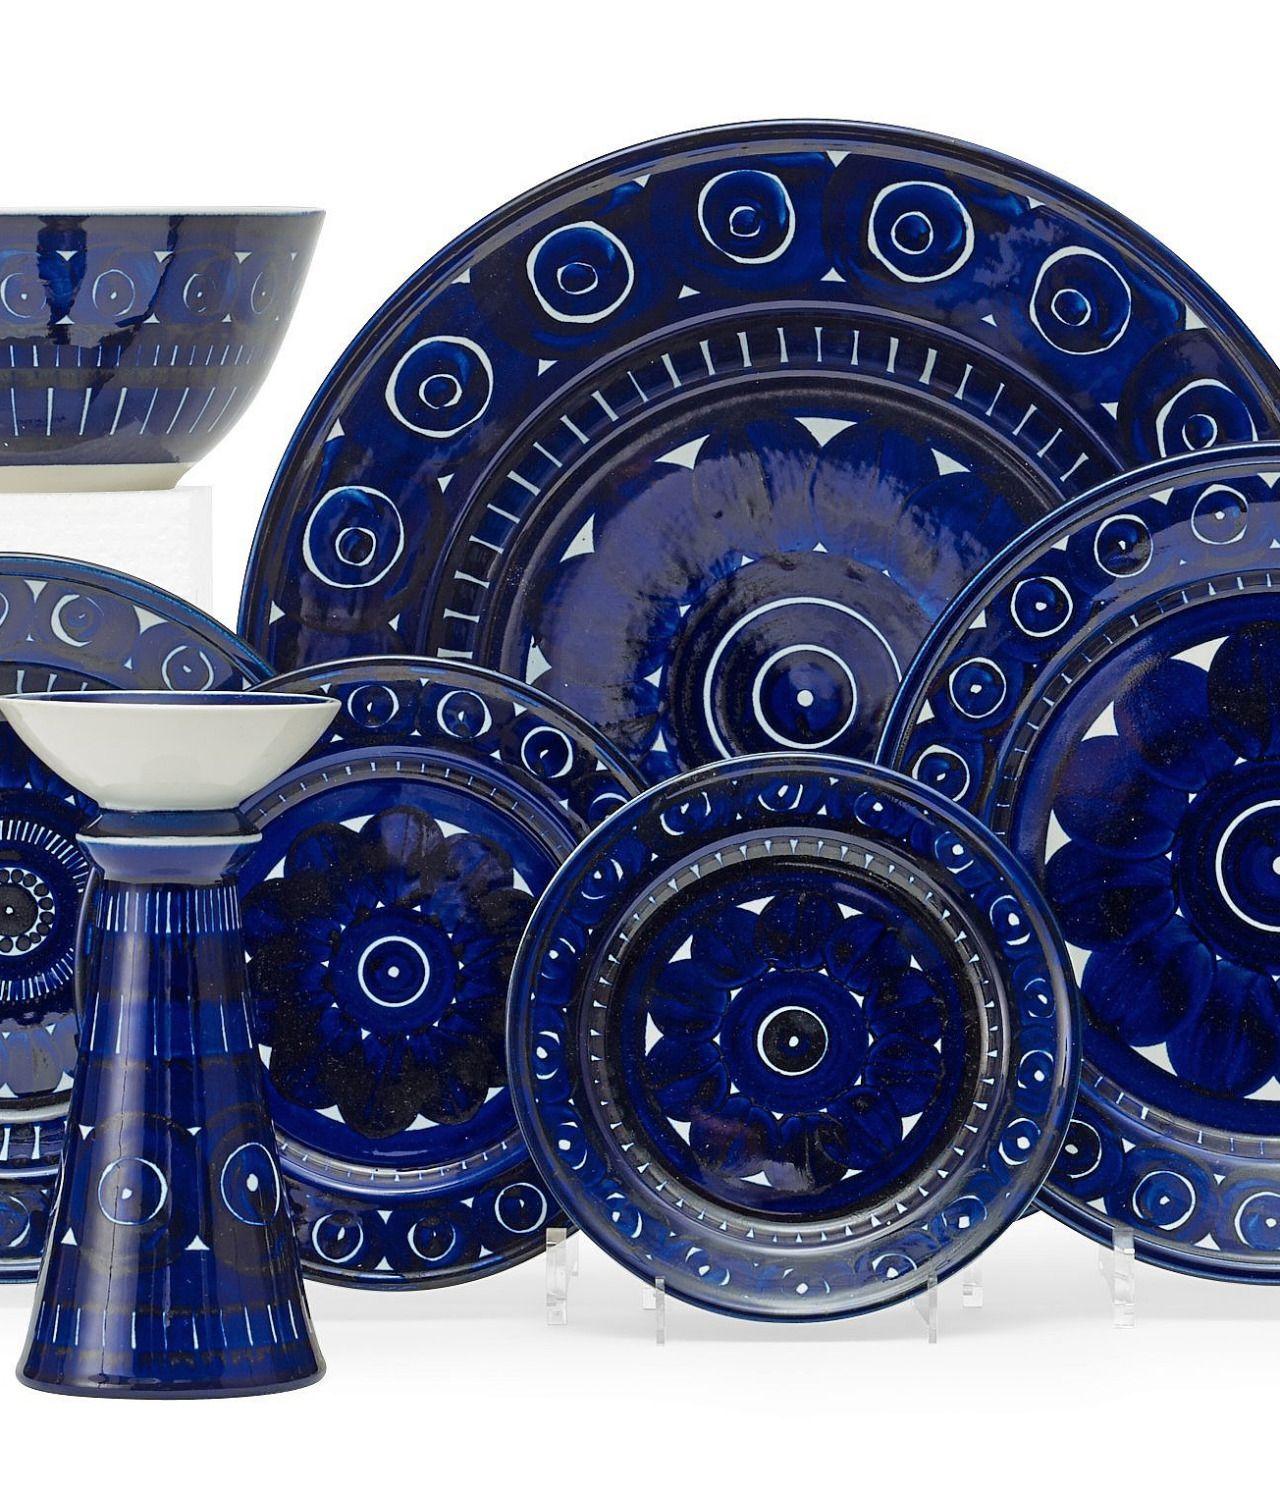 ULLA PROCOPÉ Valencia table ware by Arabia Oy Finland 1960. Stone ware  sc 1 st  Pinterest & ULLA PROCOPÉ Valencia table ware by Arabia Oy Finland 1960. Stone ...